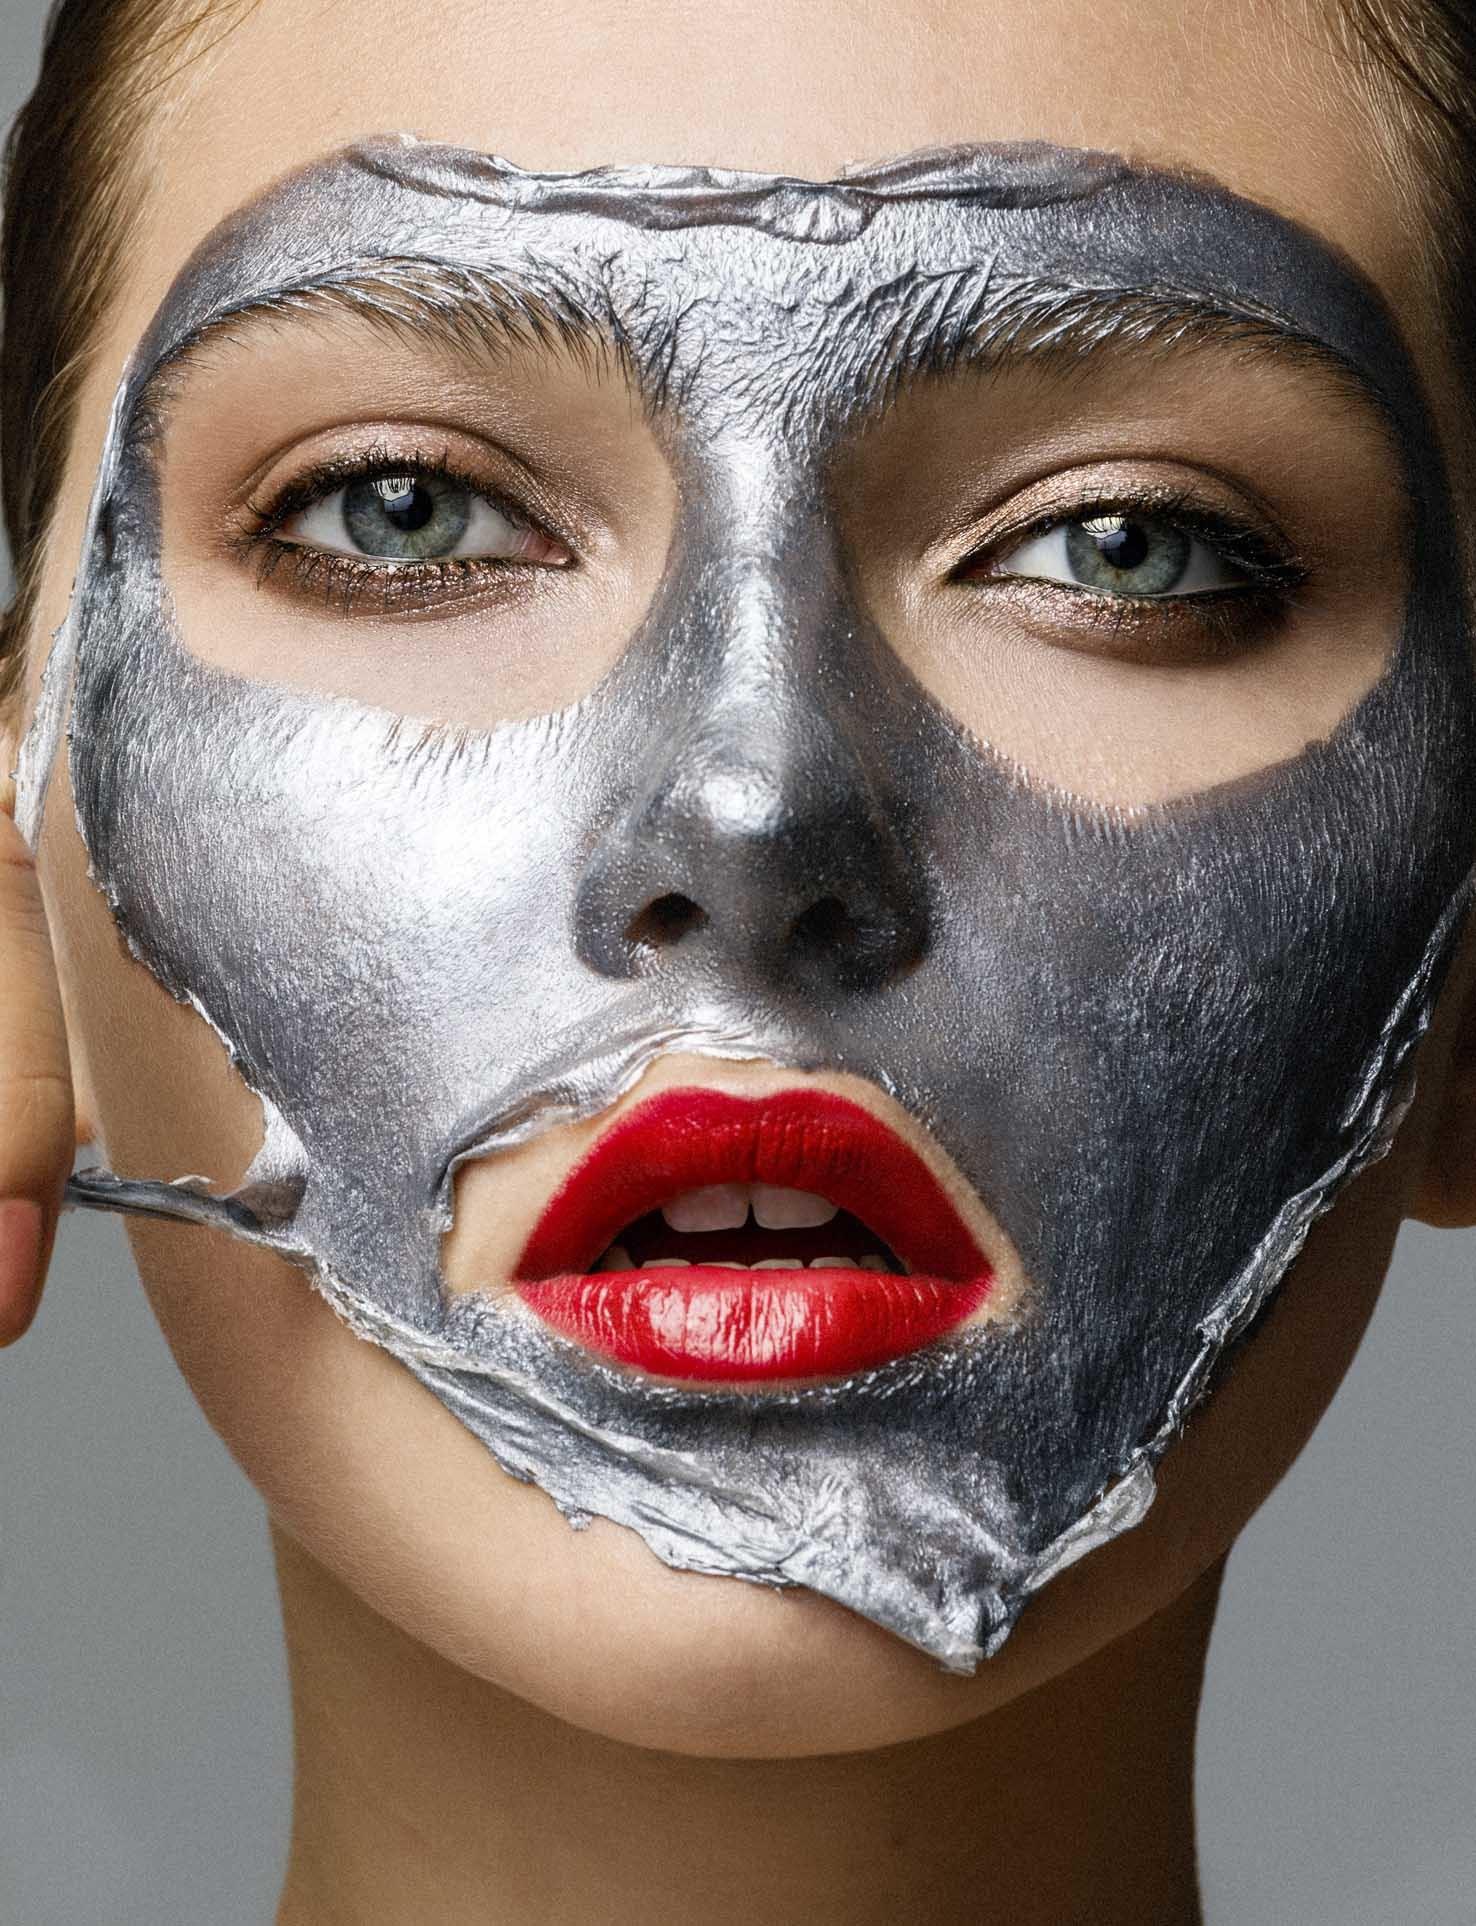 Los mejores productos para eliminar los puntos negros: mascarillas, geles de limpieza, exfoliantes, cepillos faciales, etc.